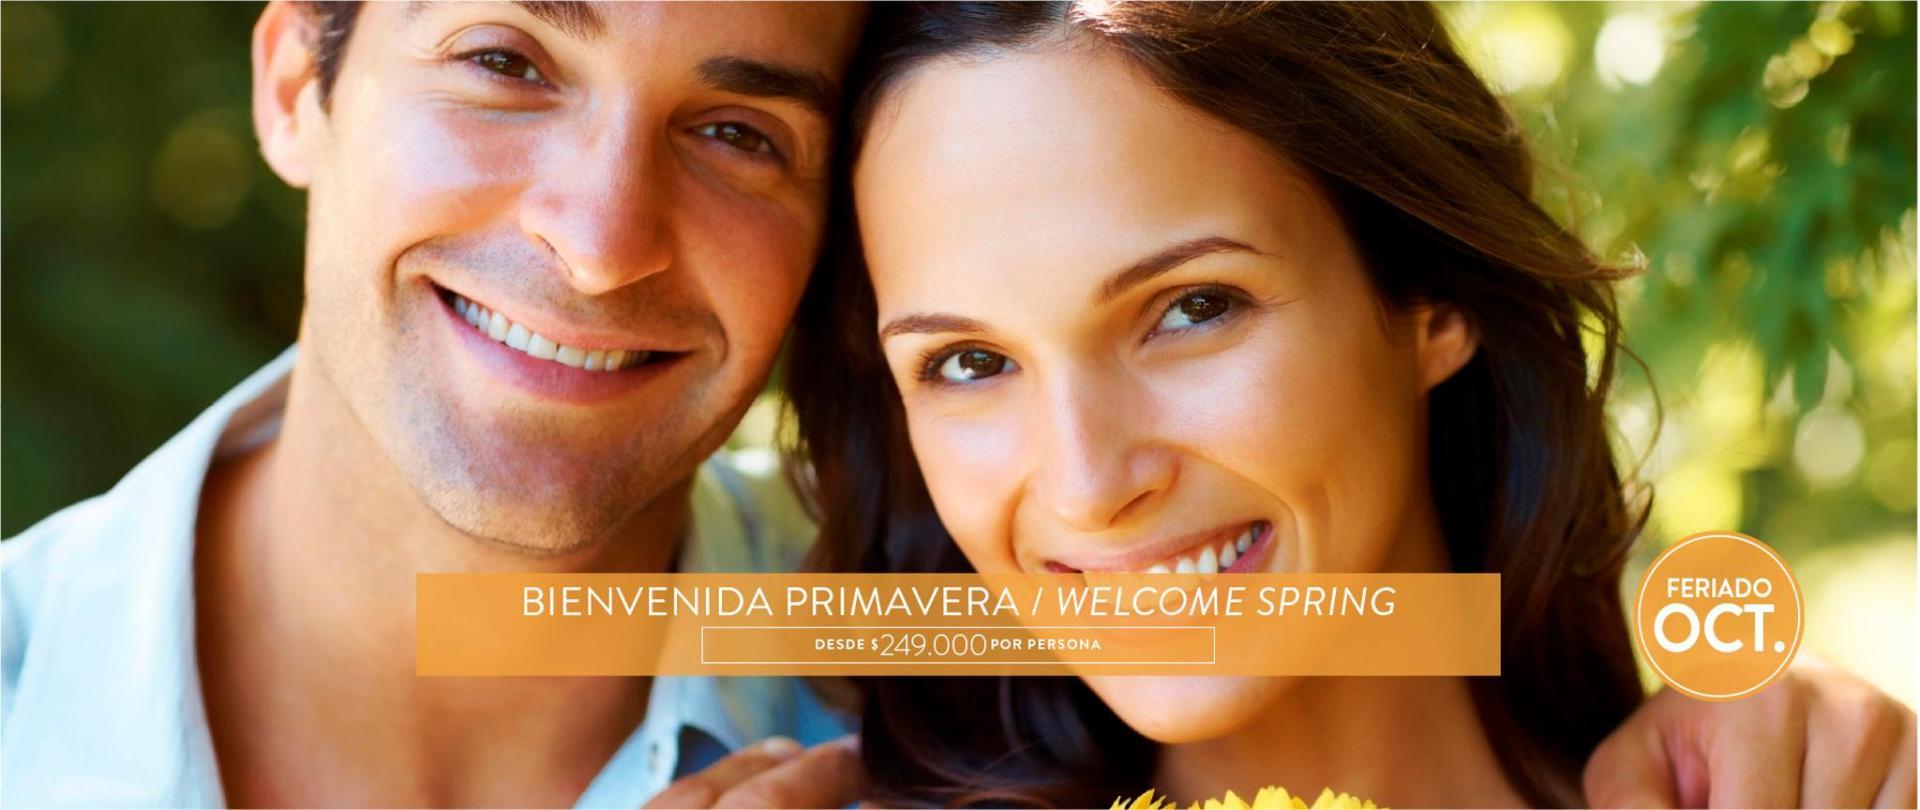 Banner Bienvenida Primavera HSCP.jpg